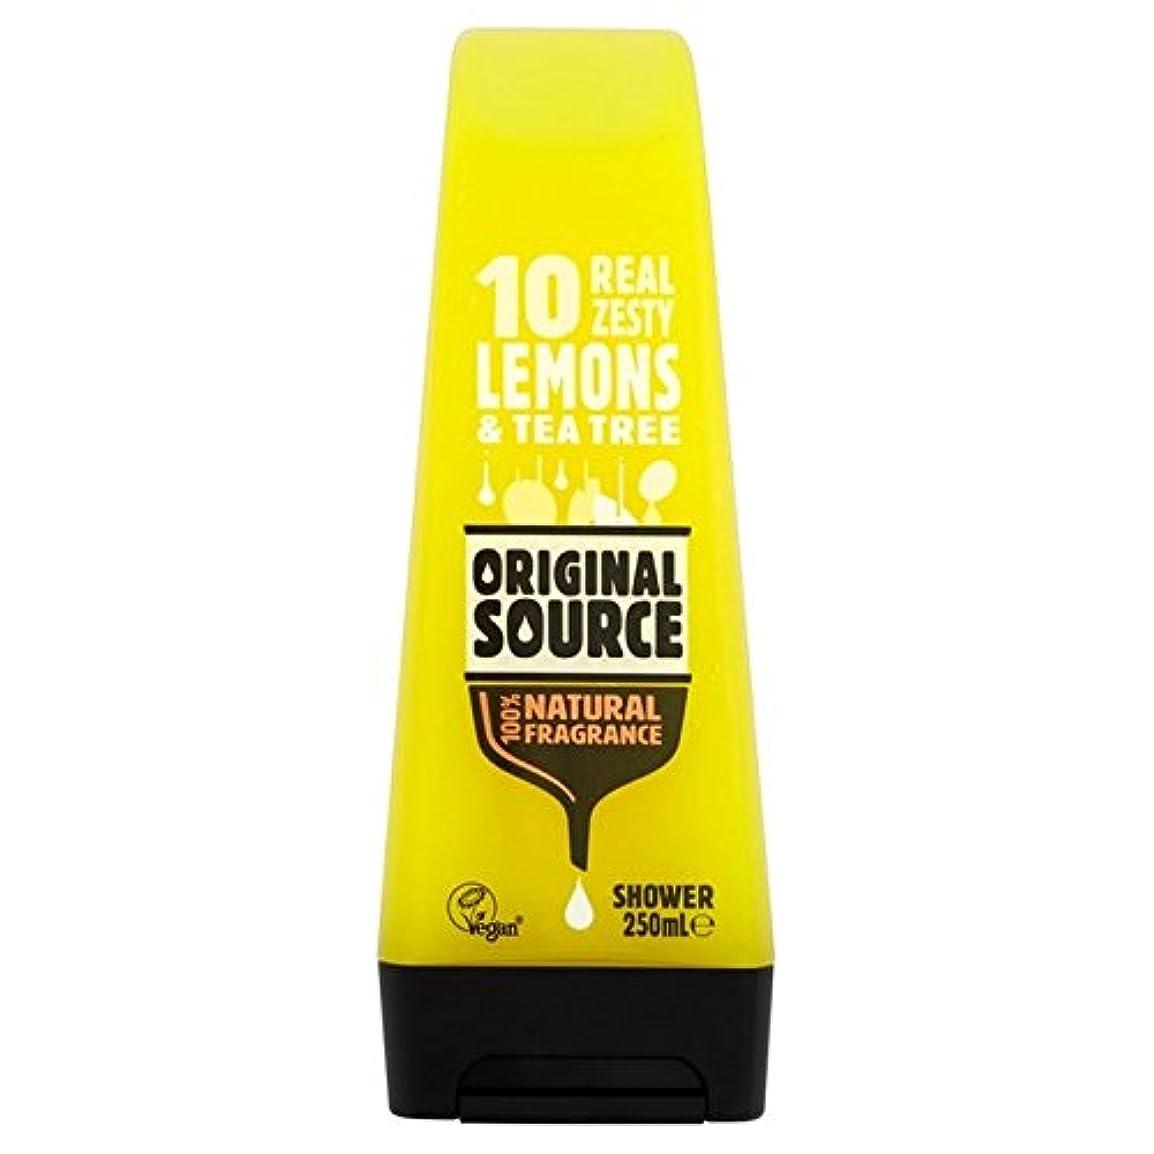 杖ゴージャスビデオOriginal Source Lemon Shower Gel 250ml - 元のソースのレモンシャワージェル250ミリリットル [並行輸入品]